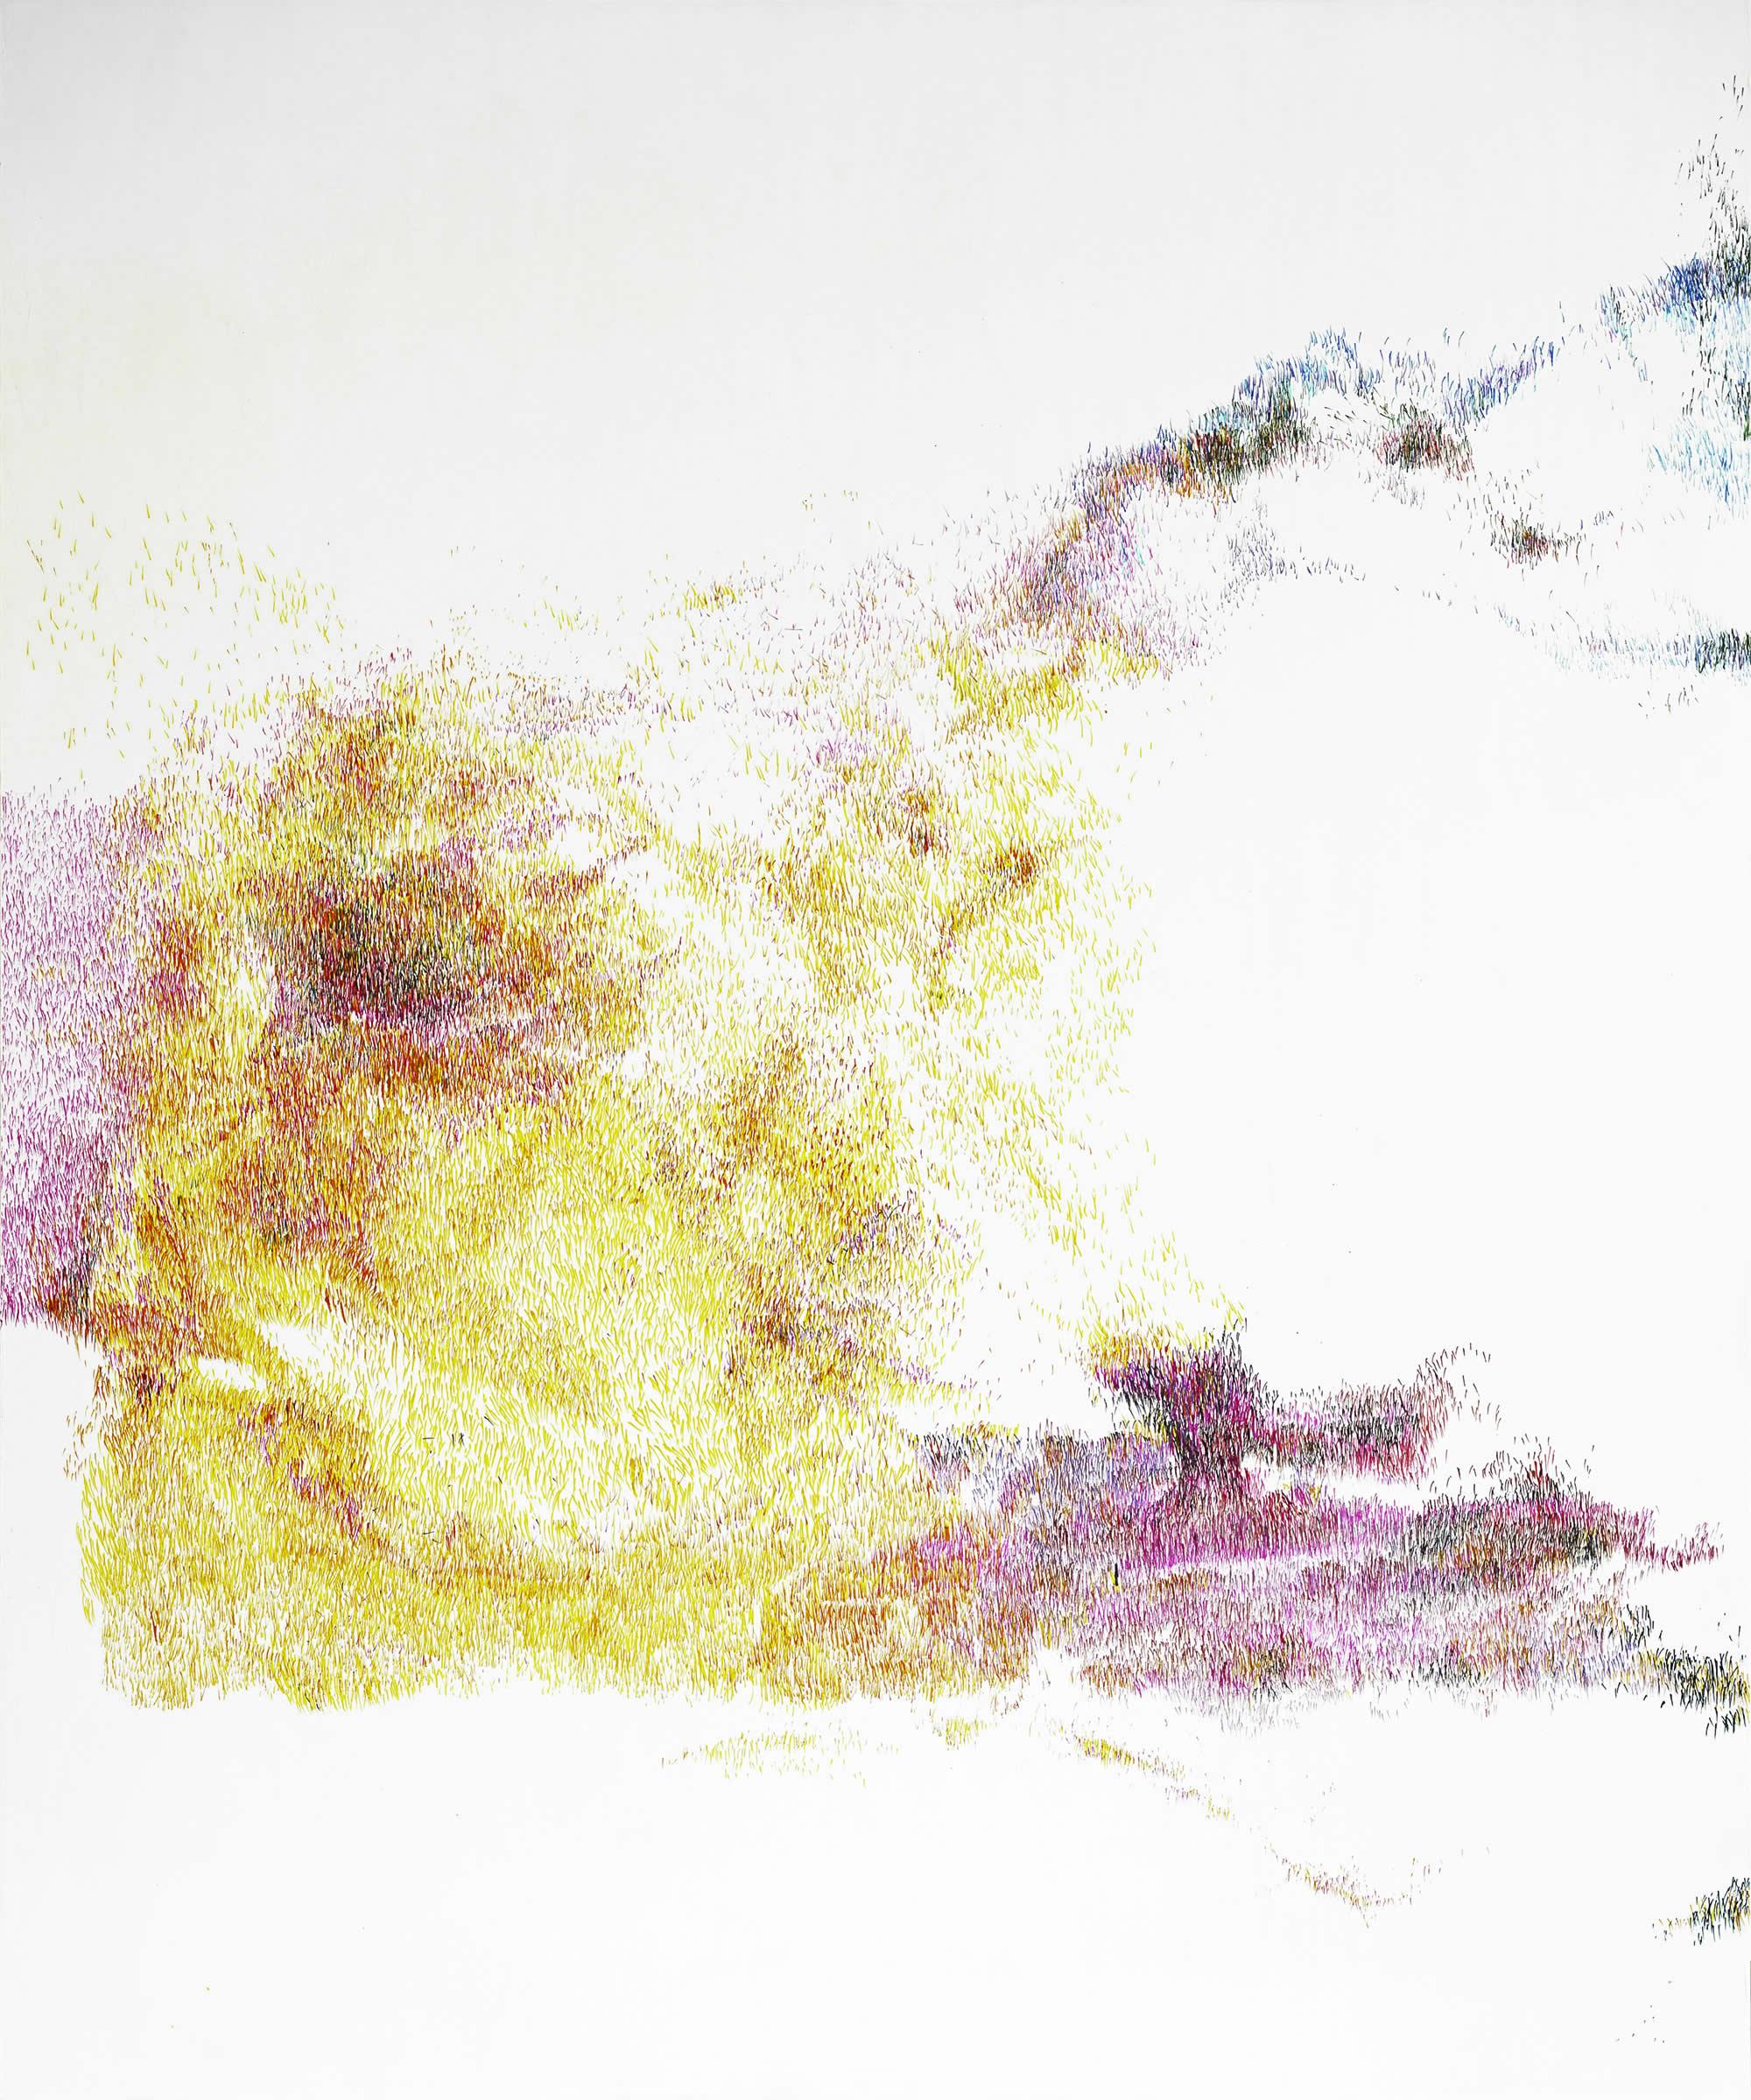 Linda Berger | walking on waves | Strichwelten & Luftkörper | 2019-11 | Galerie3